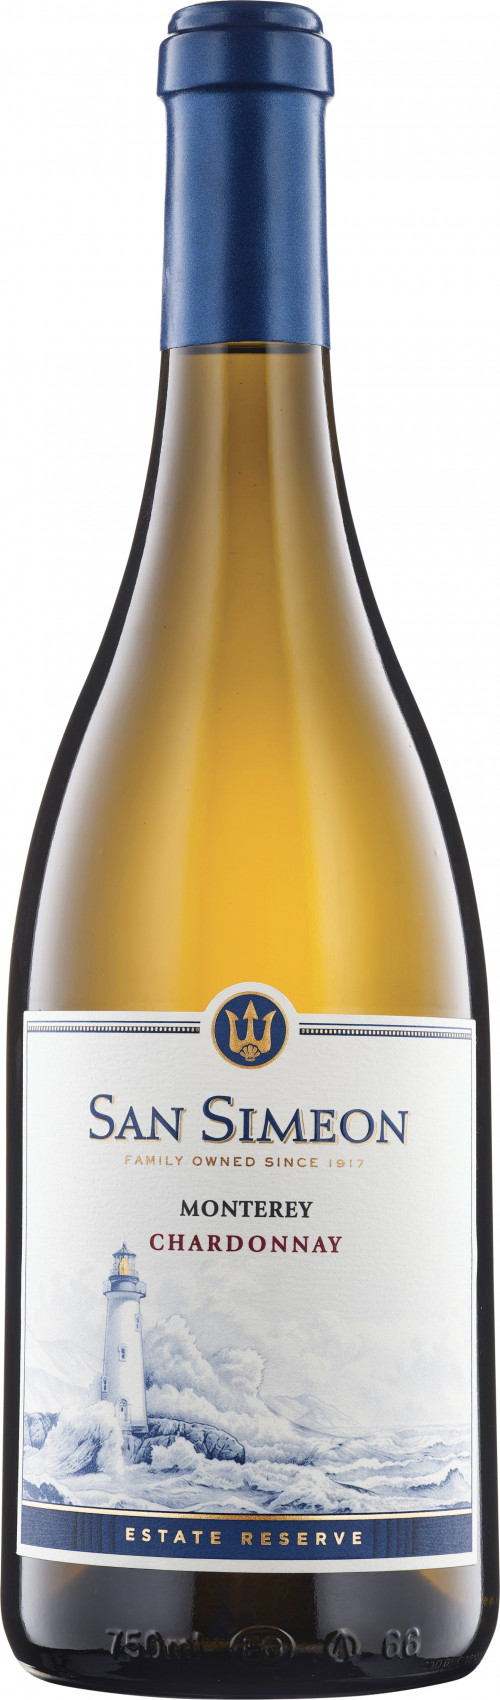 2017 San Simeon Monterey Chardonnay 750ml